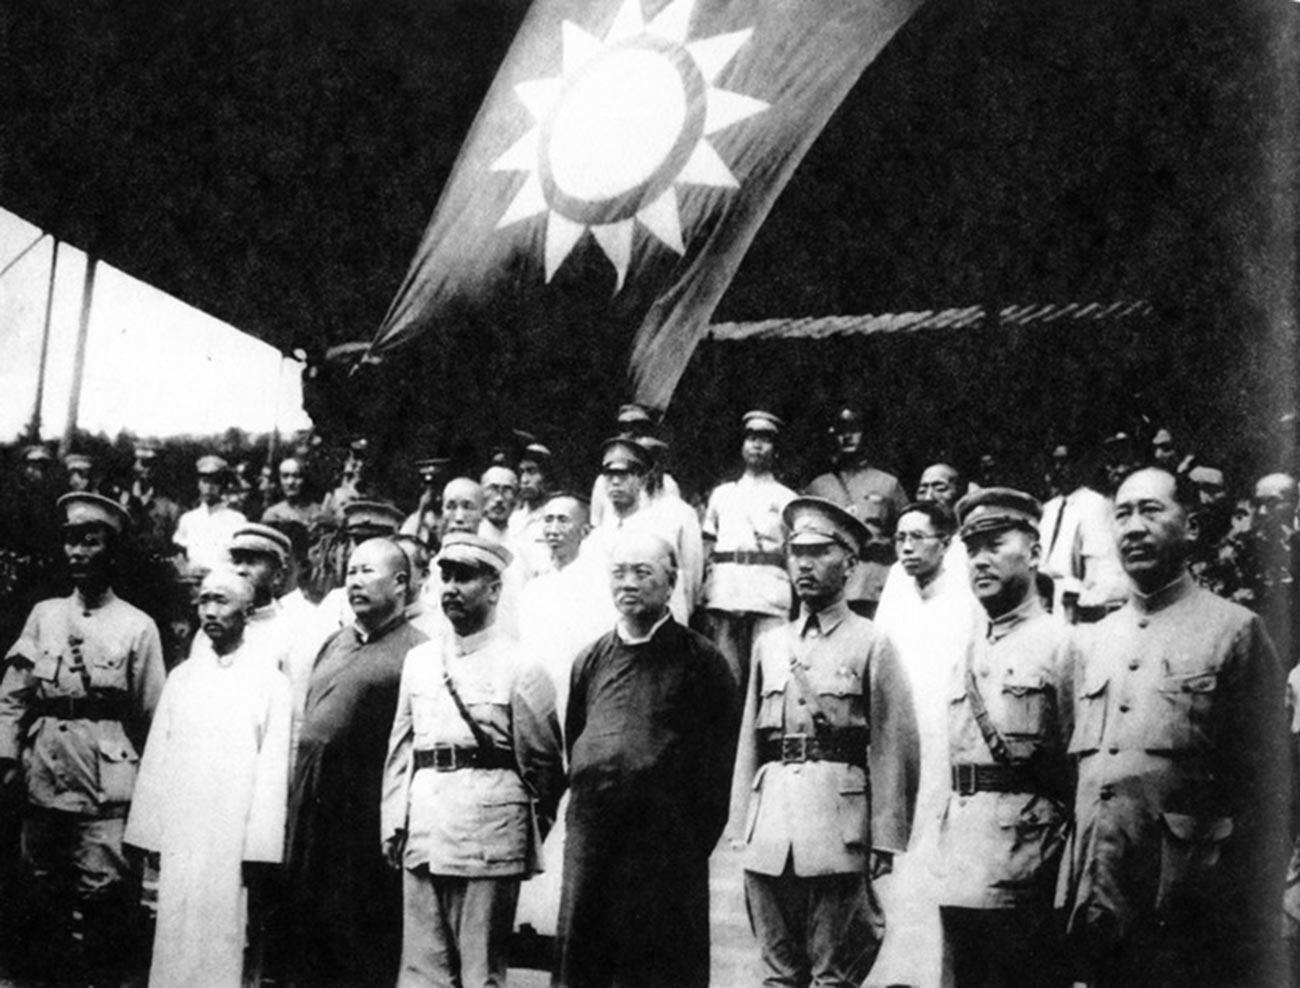 Généraux de l'Armée nationale révolutionnaire